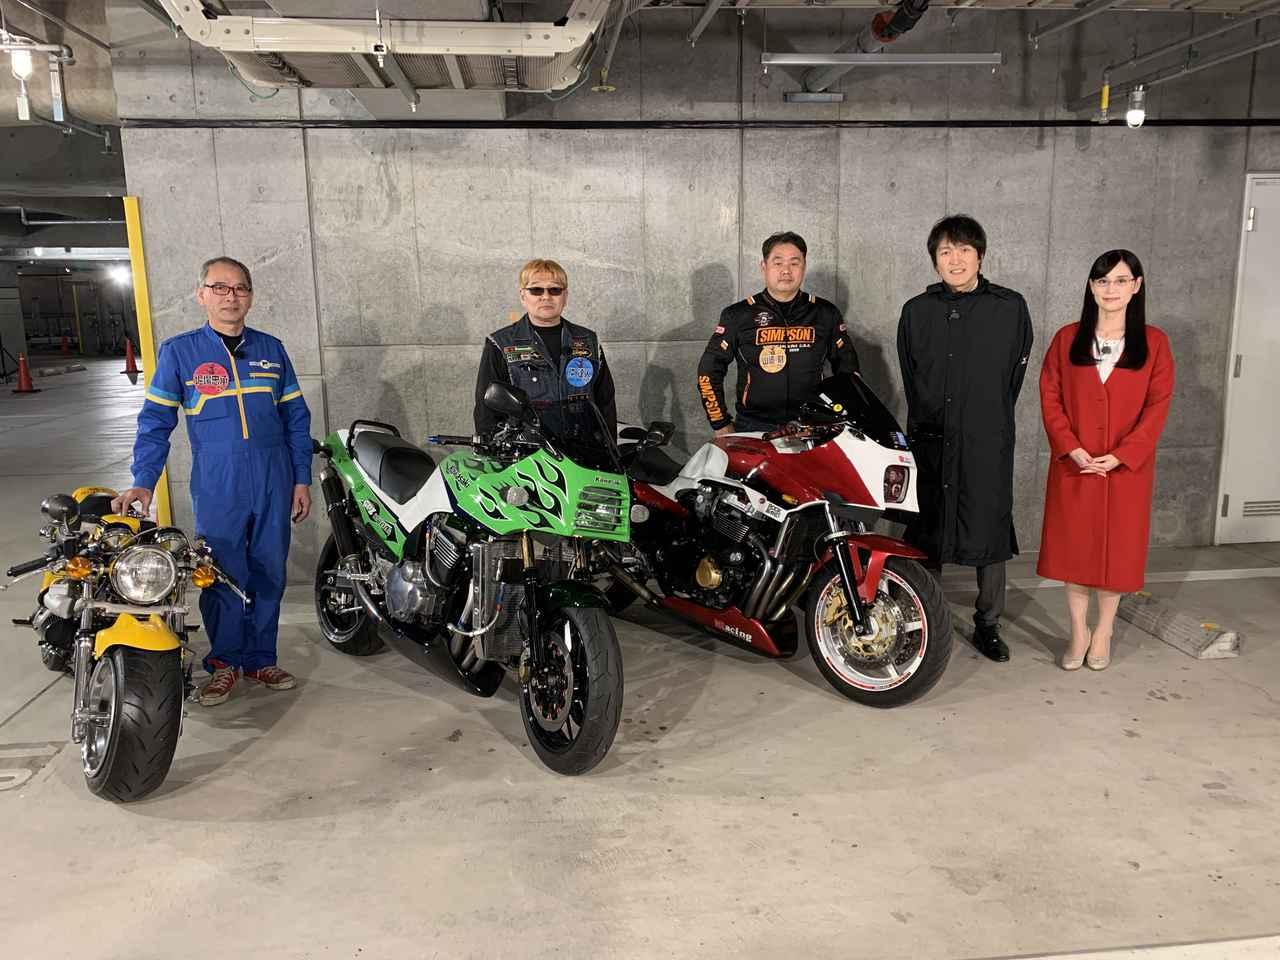 2月10日(月)放送予定! 次回の「ダラケ!~お金を払ってでも見たいクイズ~」はカスタムバイク特集です!